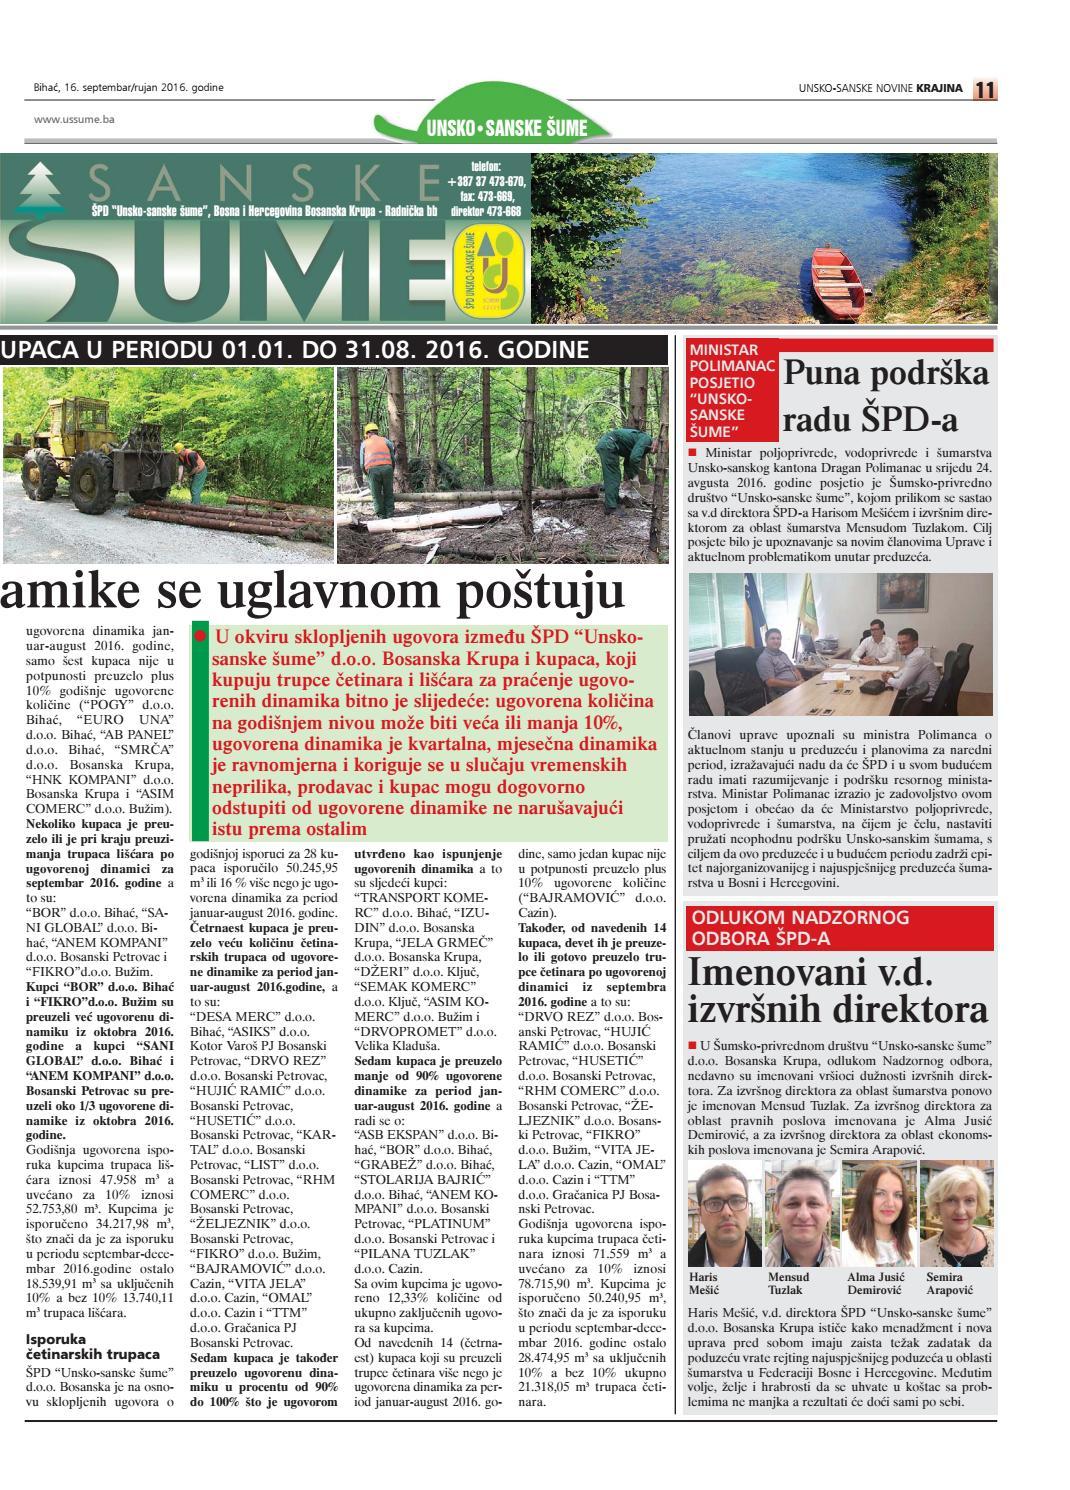 Najbolje besplatne web stranice za upoznavanje Bosanska Krupa Bosna i Hercegovina